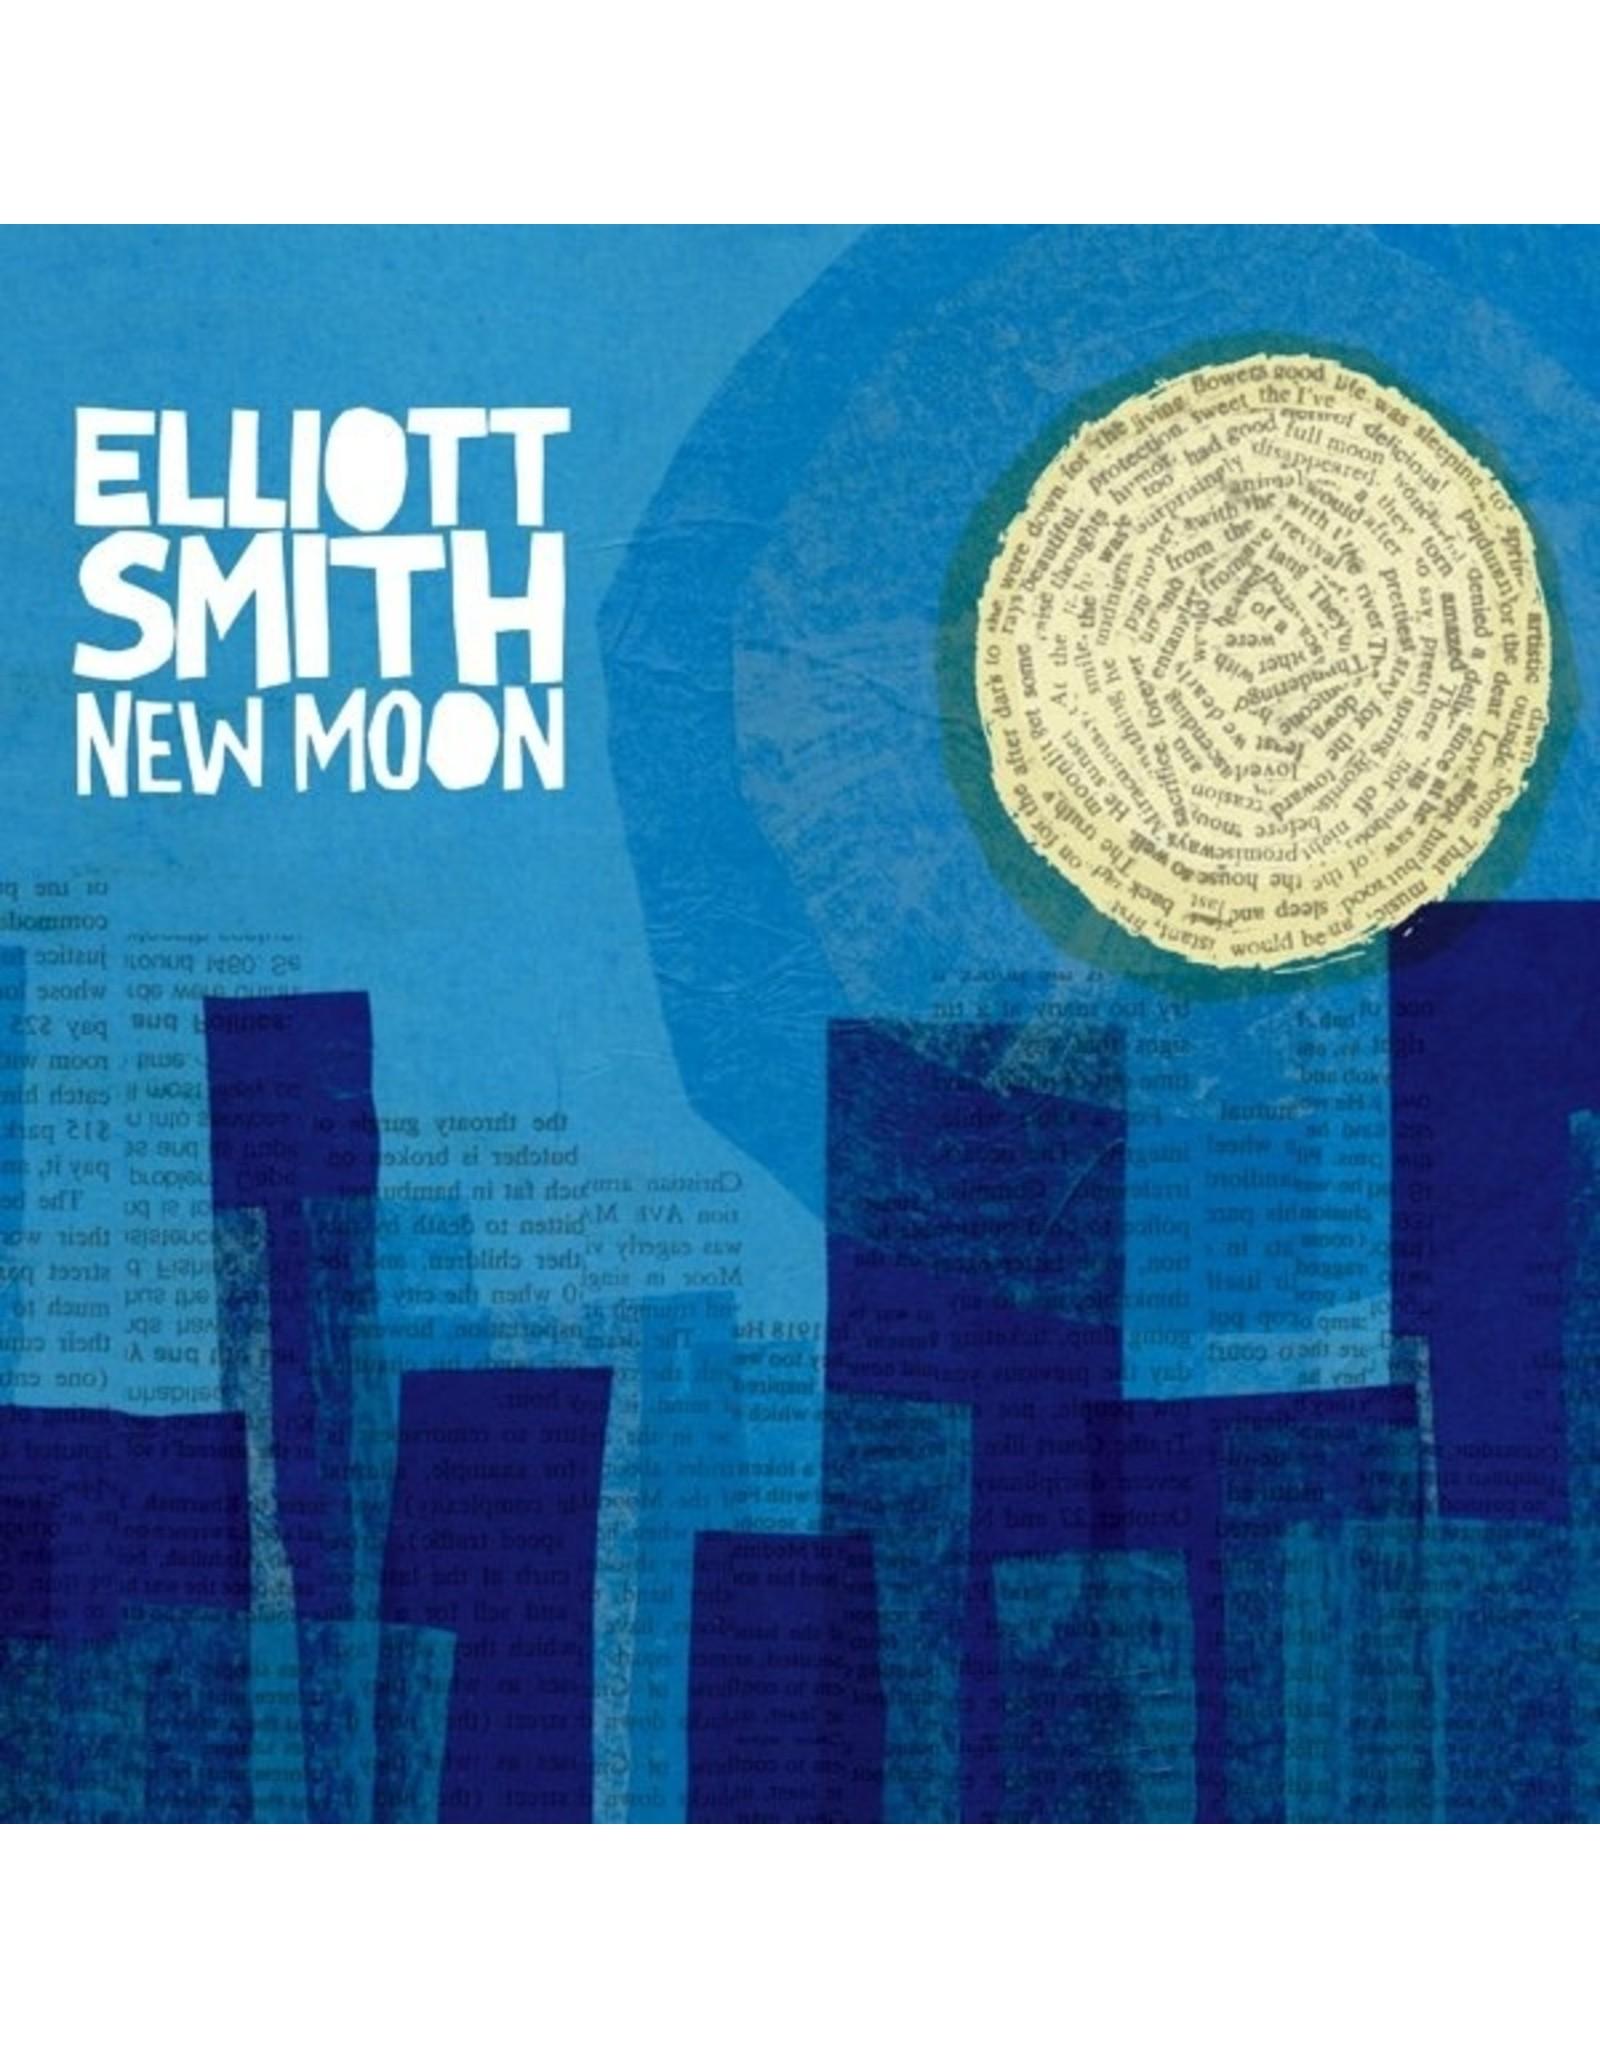 Smith, Elliott - New Moon 2LP